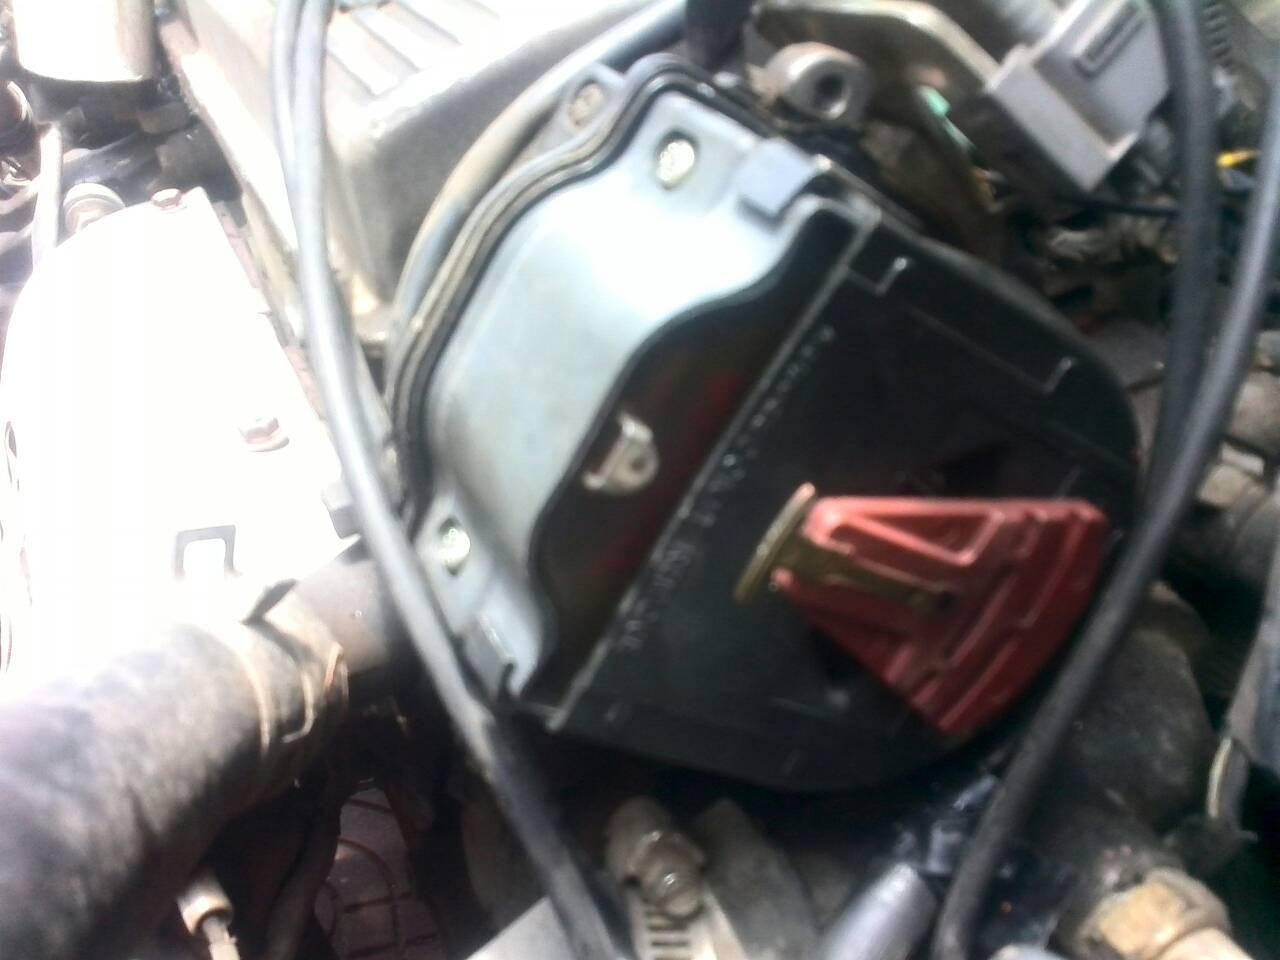 汽车分电器和高压包一体的分电器插头有四条线 分别是什么高清图片